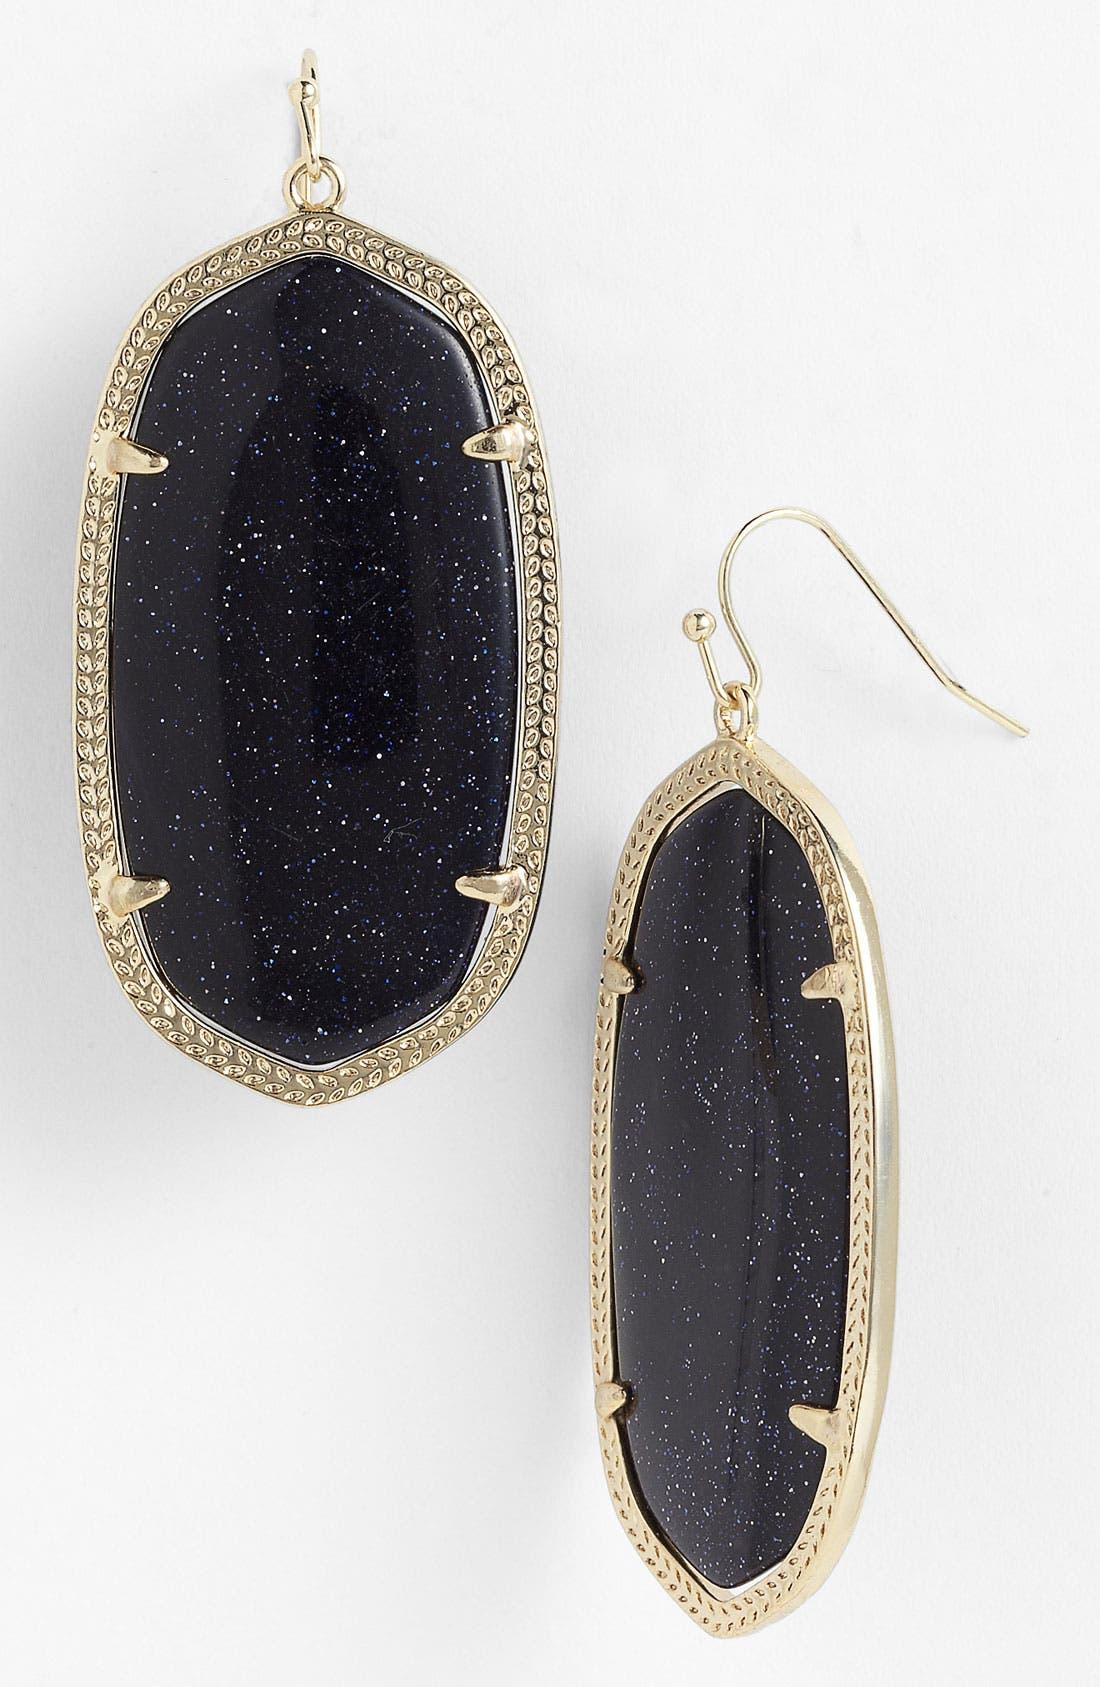 Main Image - Kendra Scott 'Danielle' Oval Statement Earrings